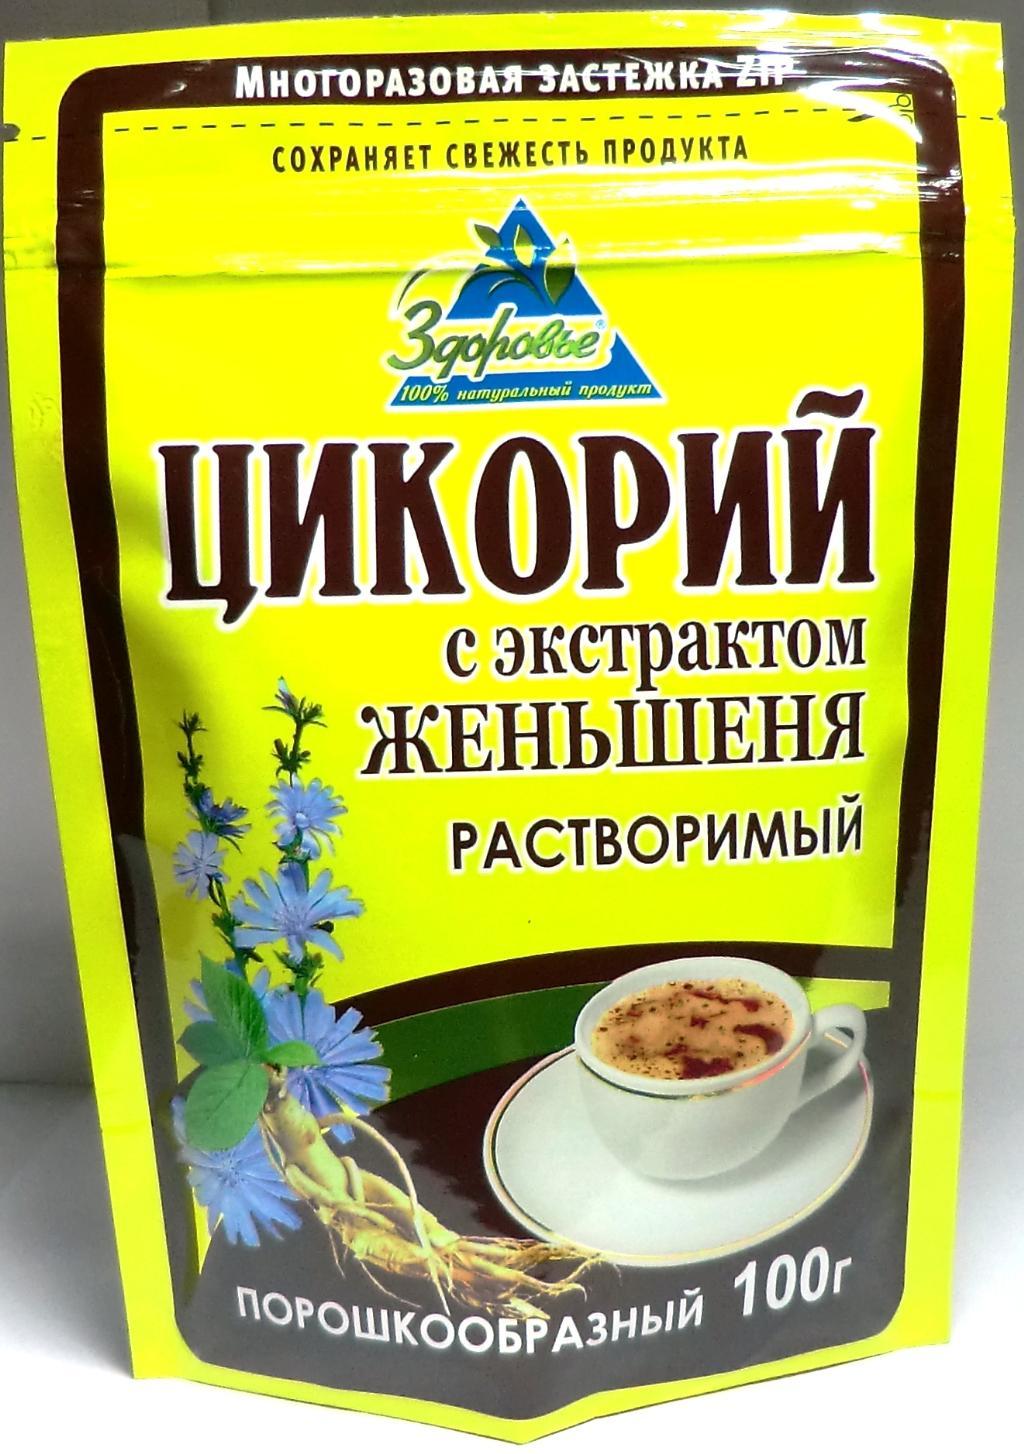 Экстракт женьшеня используется и в пищевой промышленности